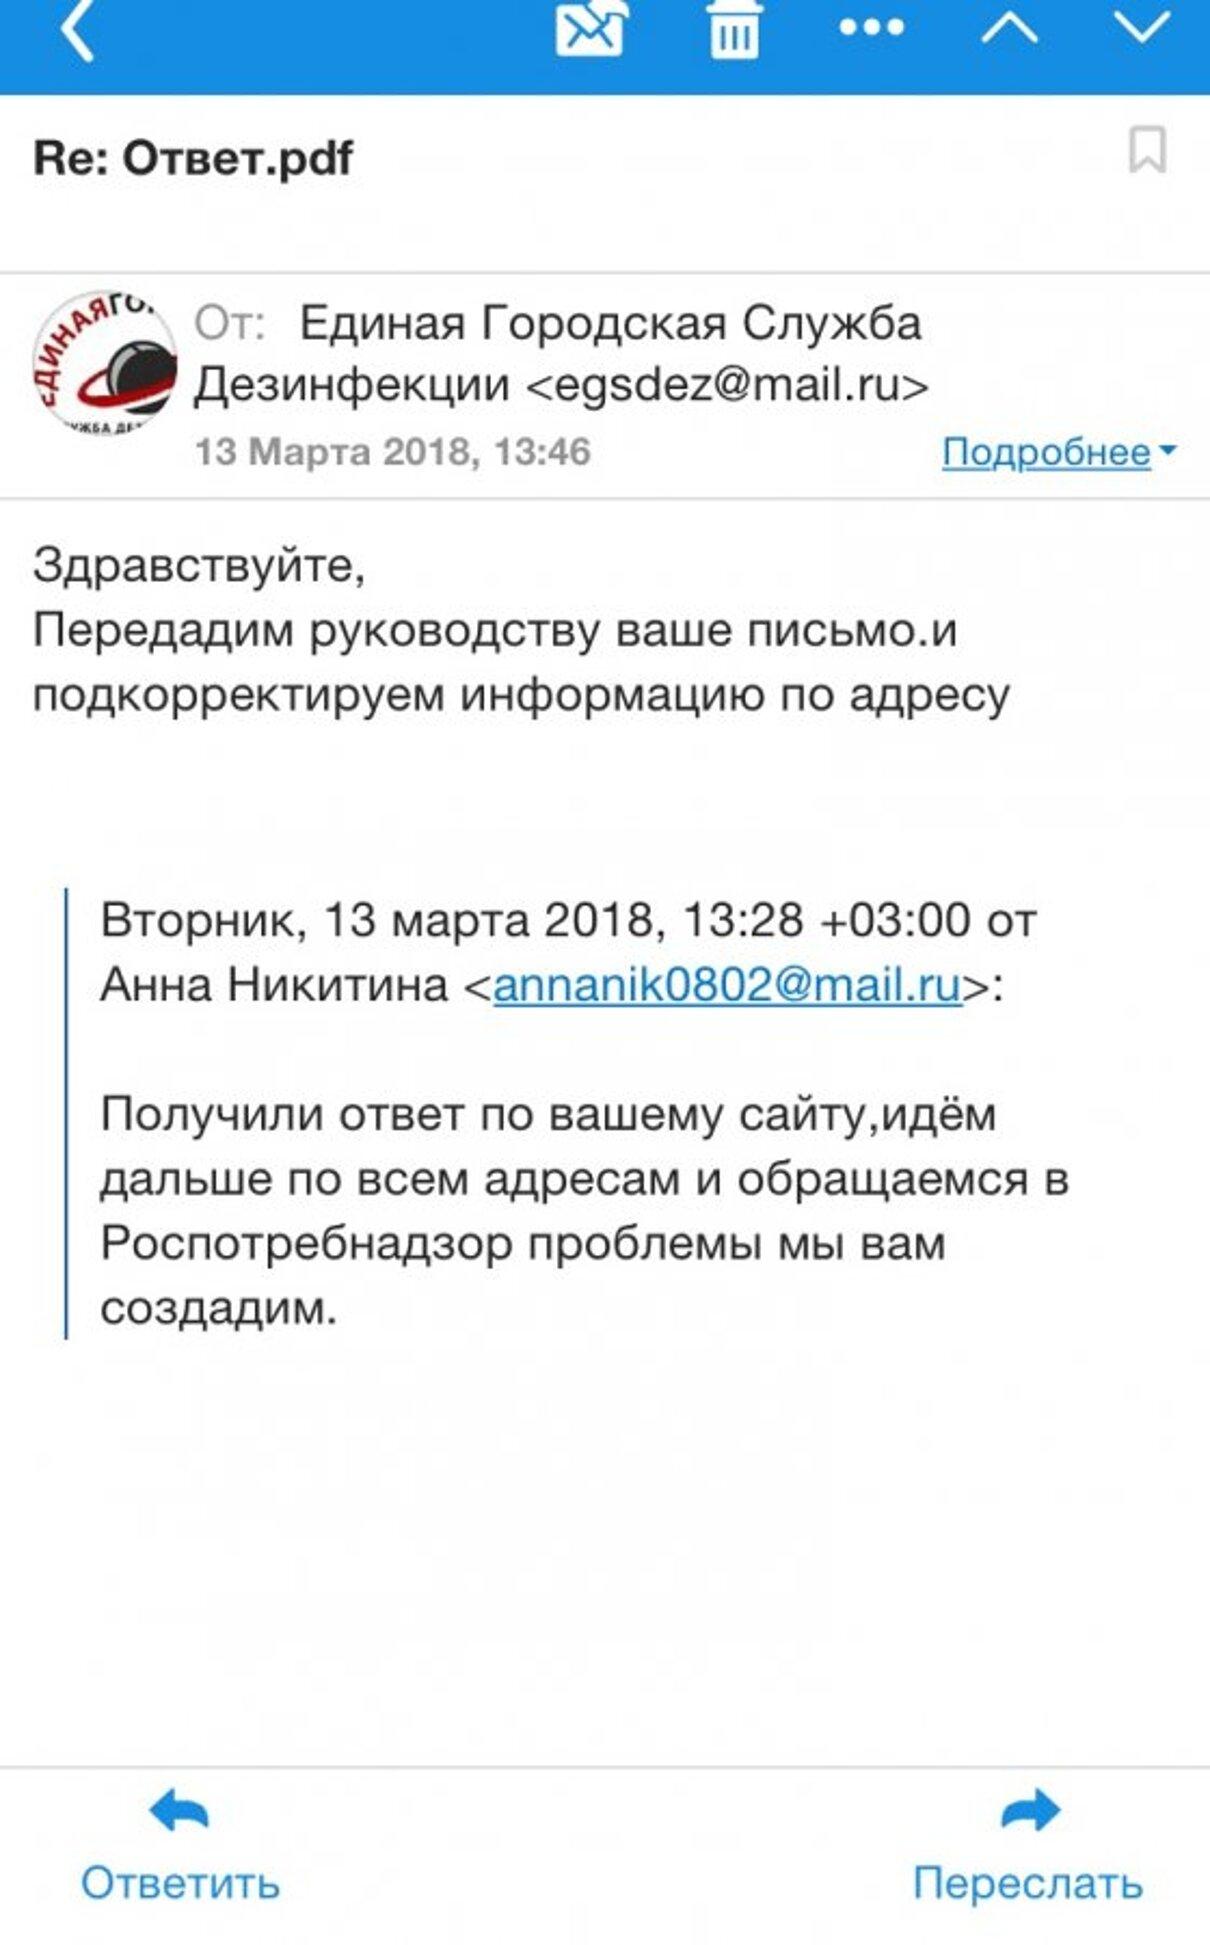 Жалоба-отзыв: Единая Городская Служба Дезинфекции - Обманывают людей!!!.  Фото №5